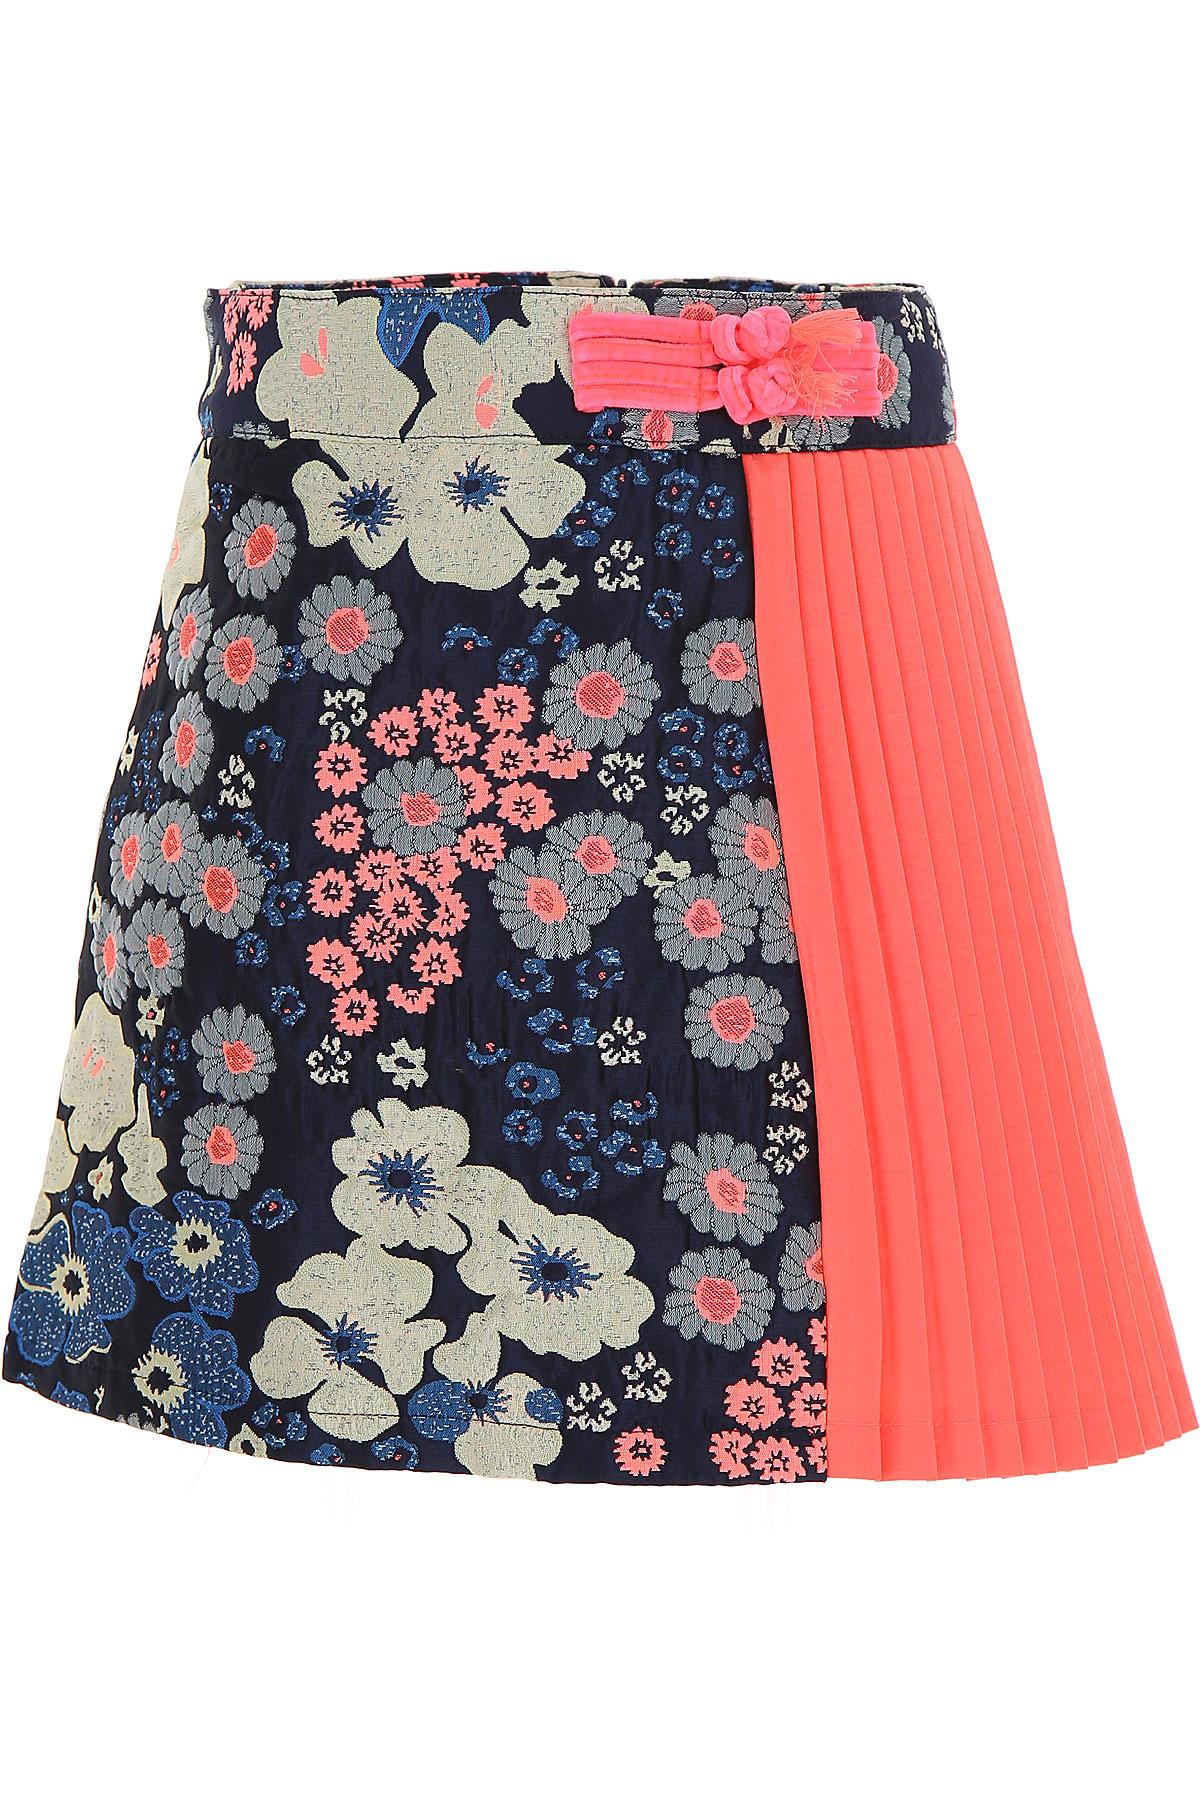 Image of Billieblush Kids Skirts for Girls, fucsia, polyester, 2017, 10Y 2Y 4Y 5Y 6Y 8Y